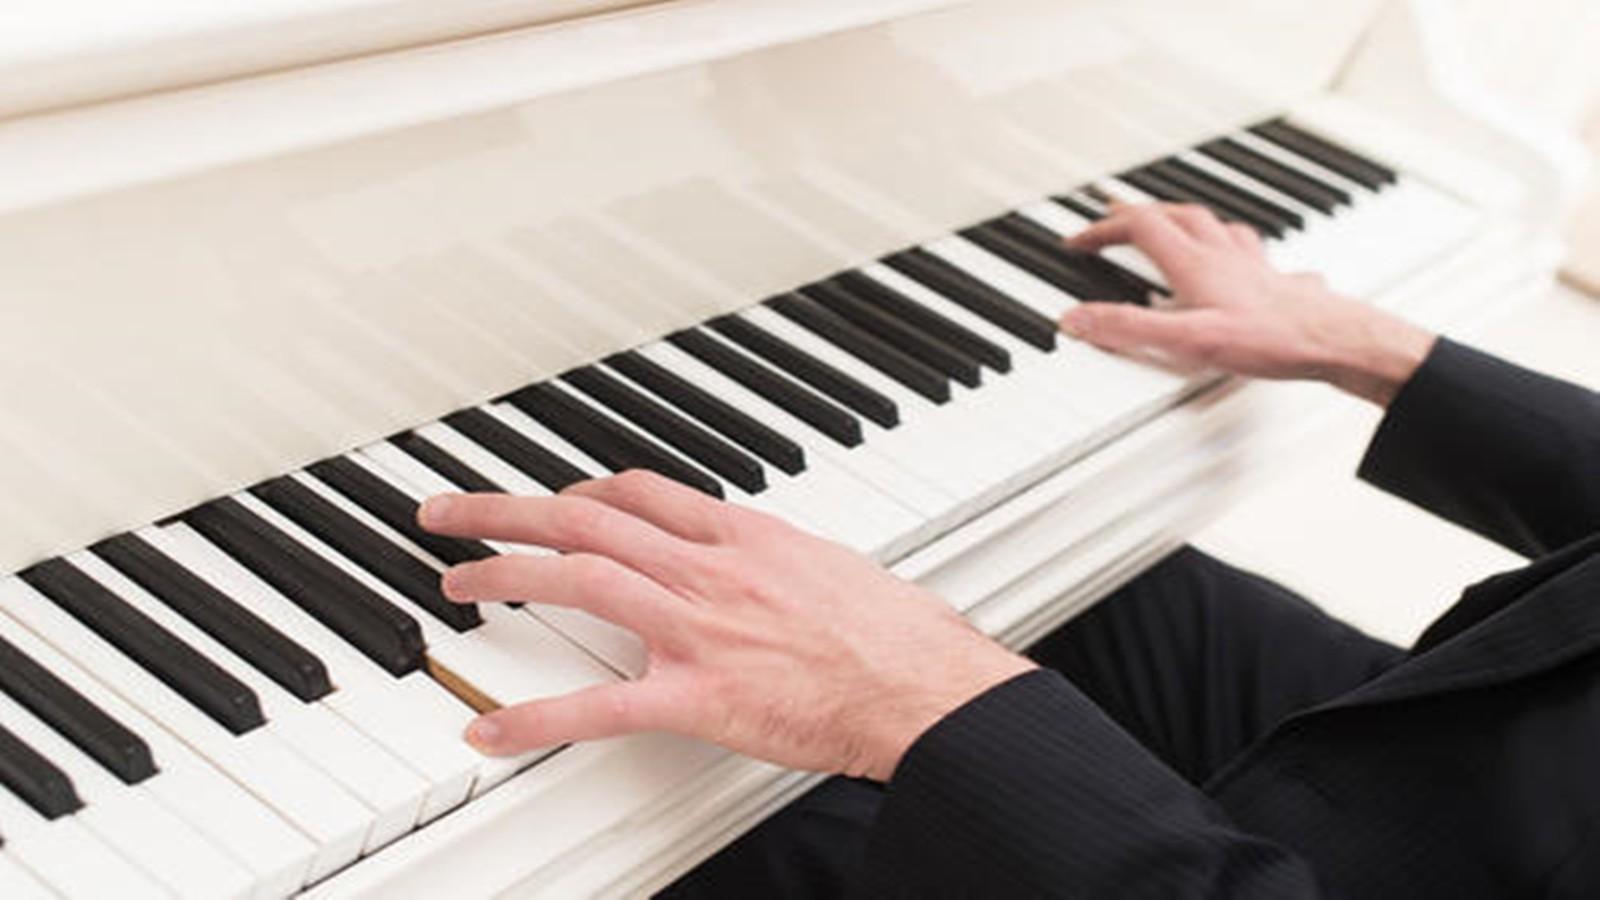 【艺考自习室】音乐艺考专业全分析--作曲与作曲技术理论篇